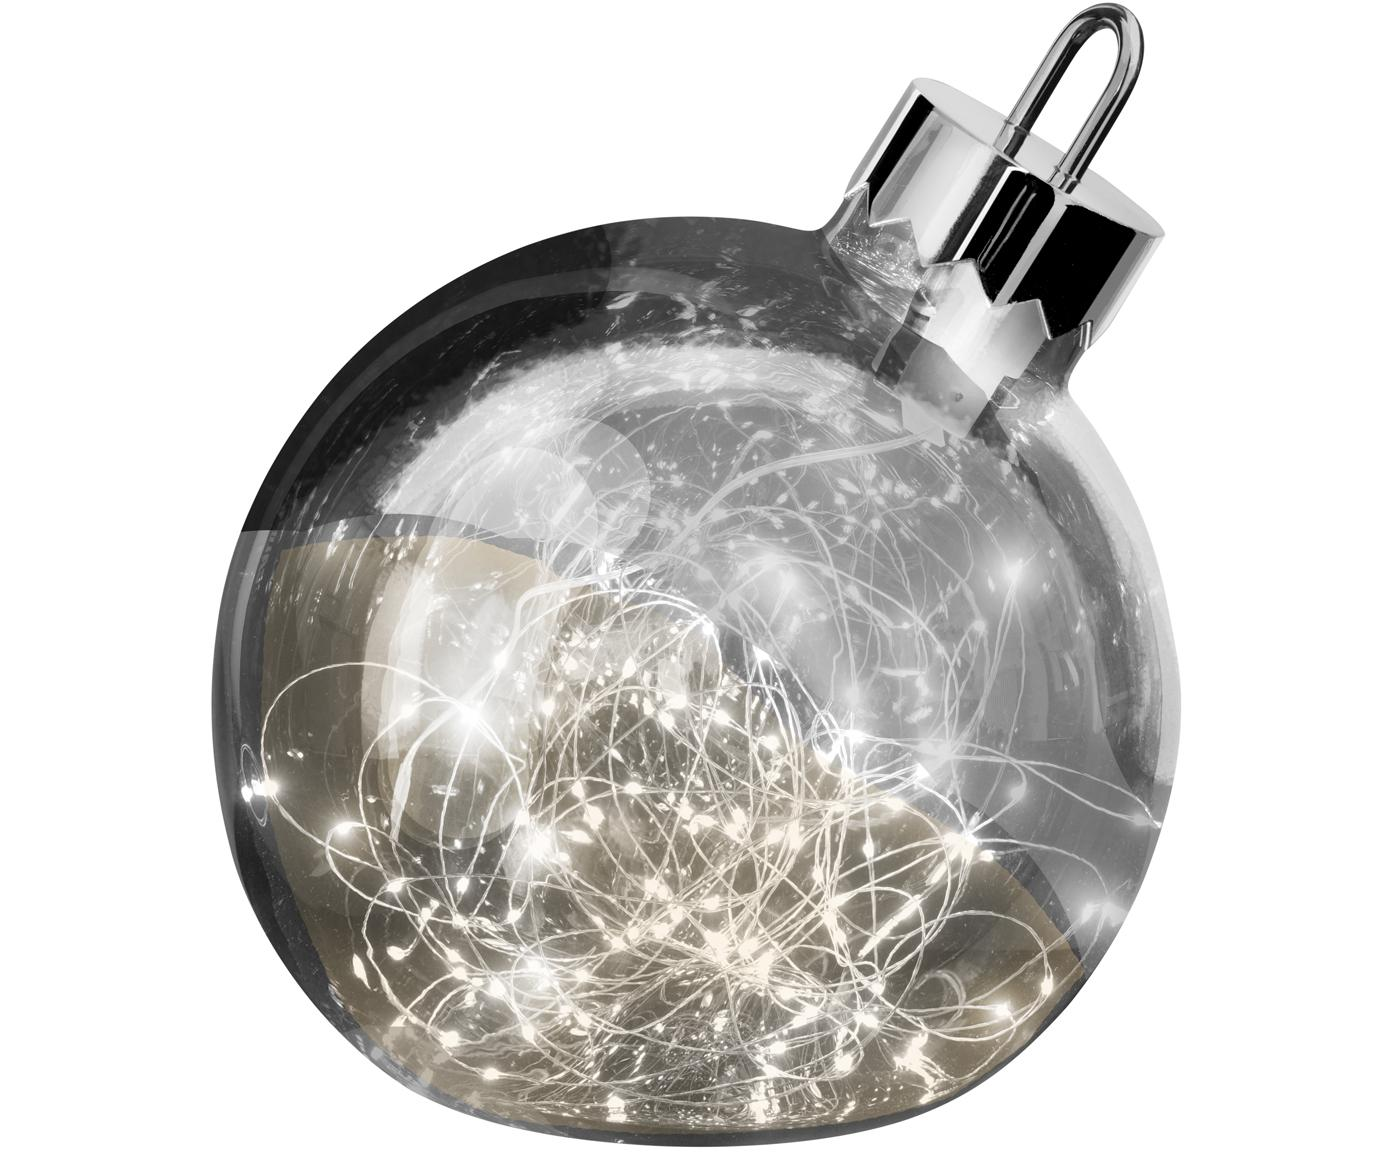 LED lichtobject Aggia, Chroomkleurig, Ø 20 x H 22 cm